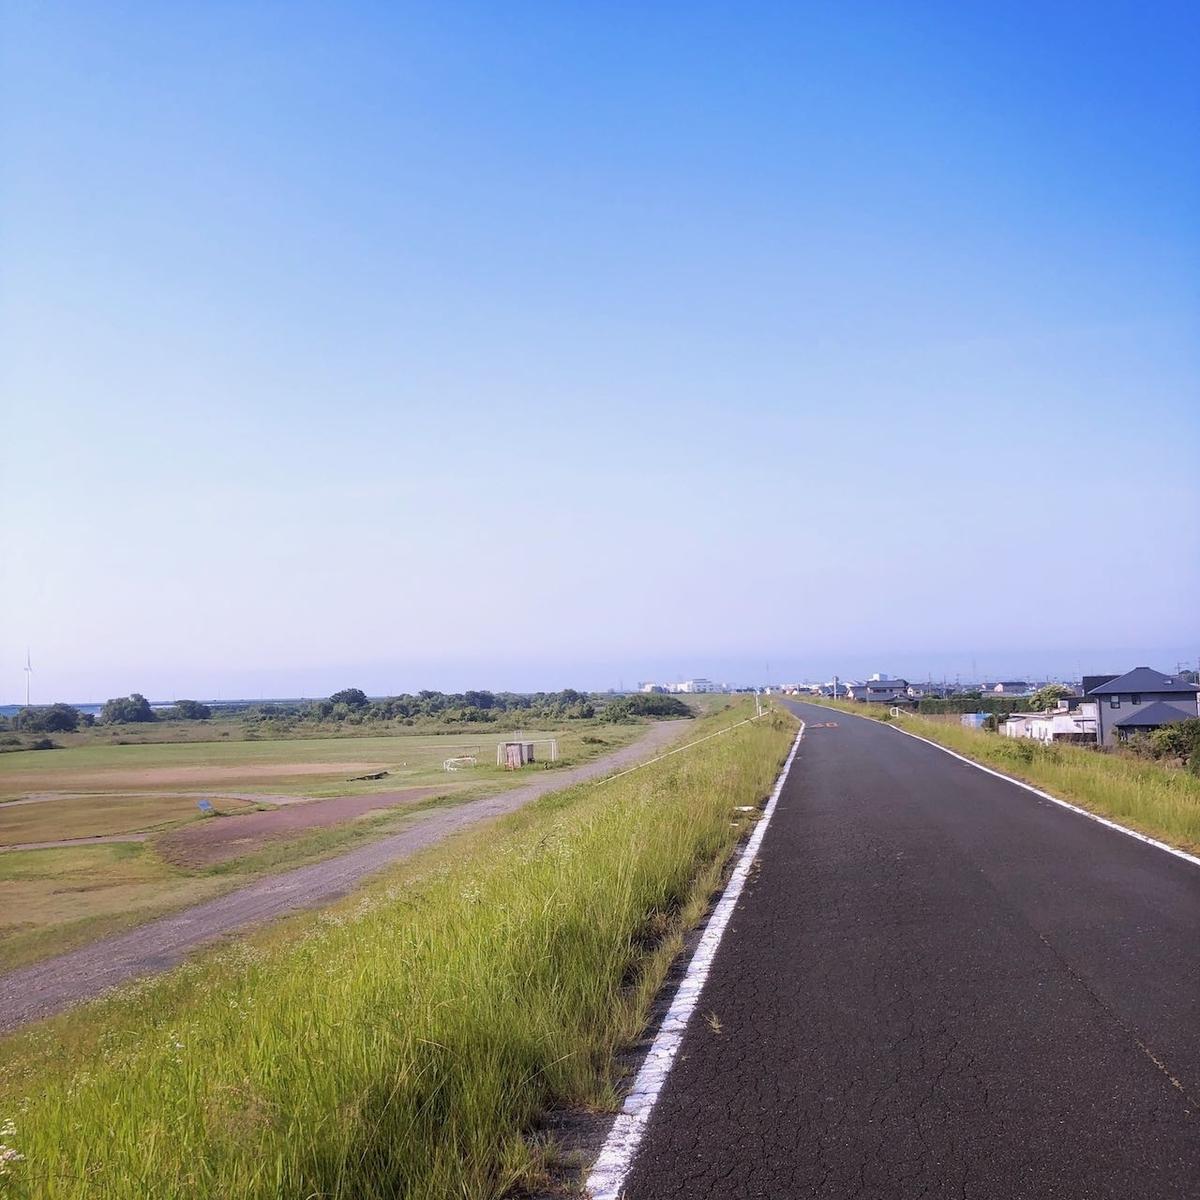 f:id:mick_kamihara:20210608070240j:plain